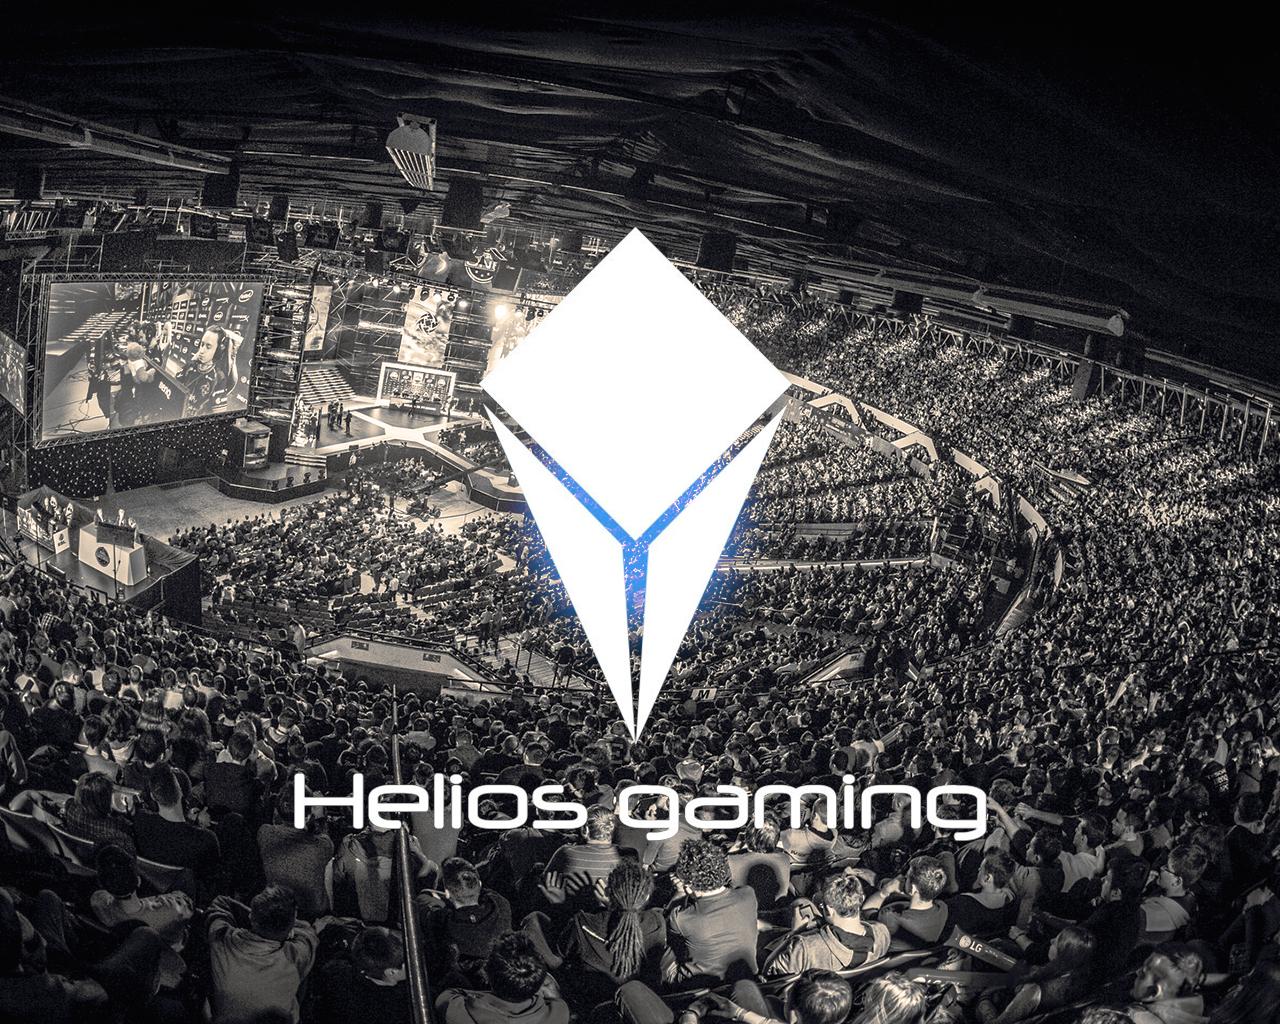 Helios Gaming